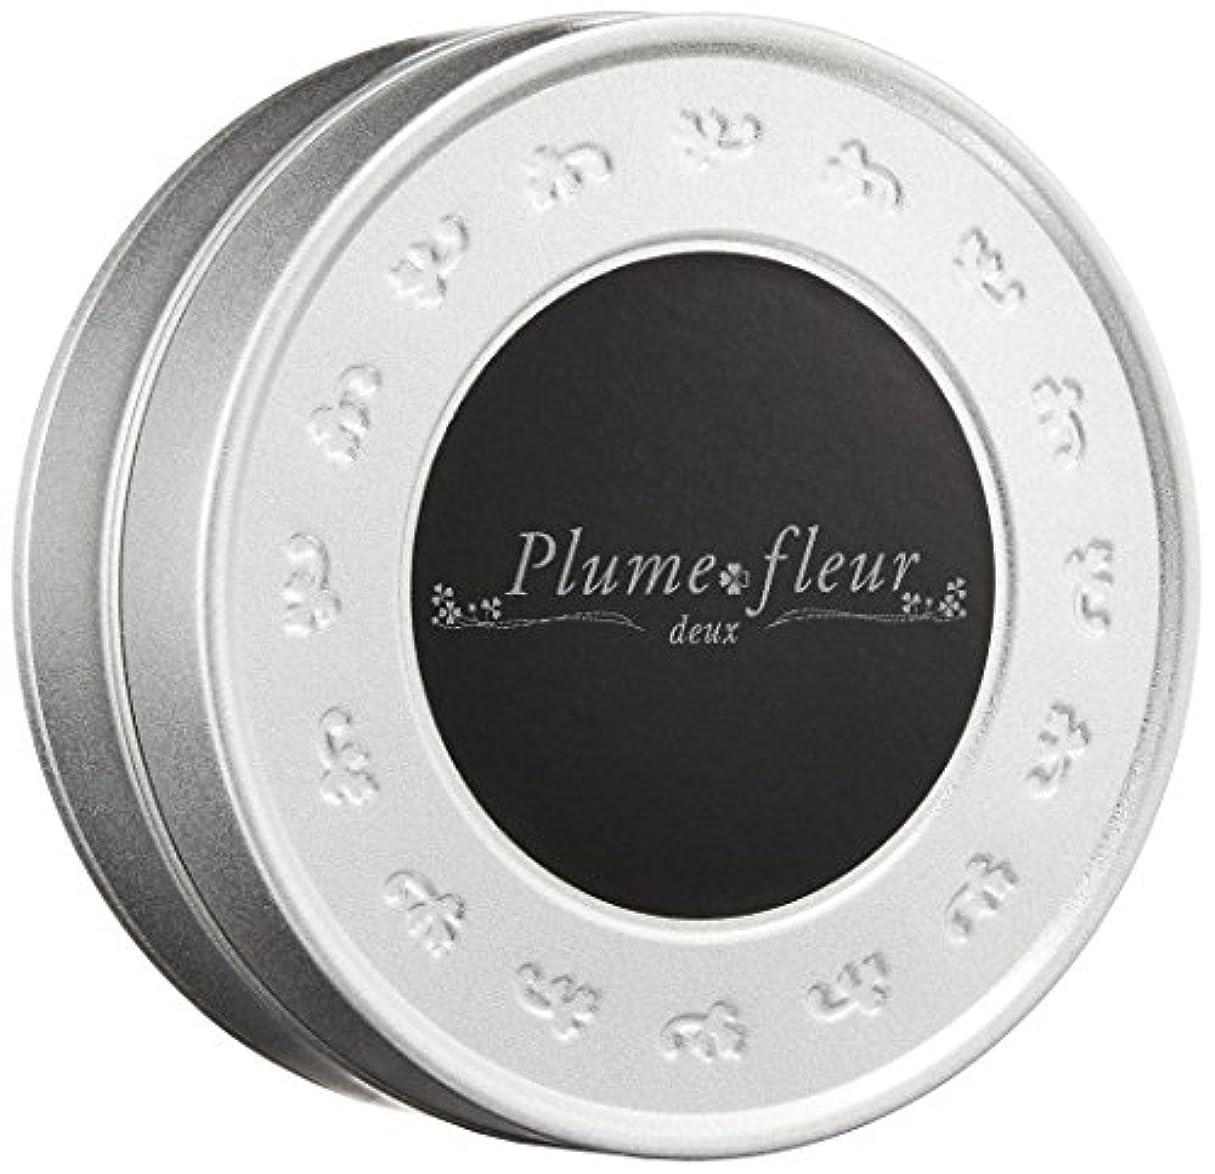 市場ロック解除最初Plume fleur -deux-(プルームフルール?WH)